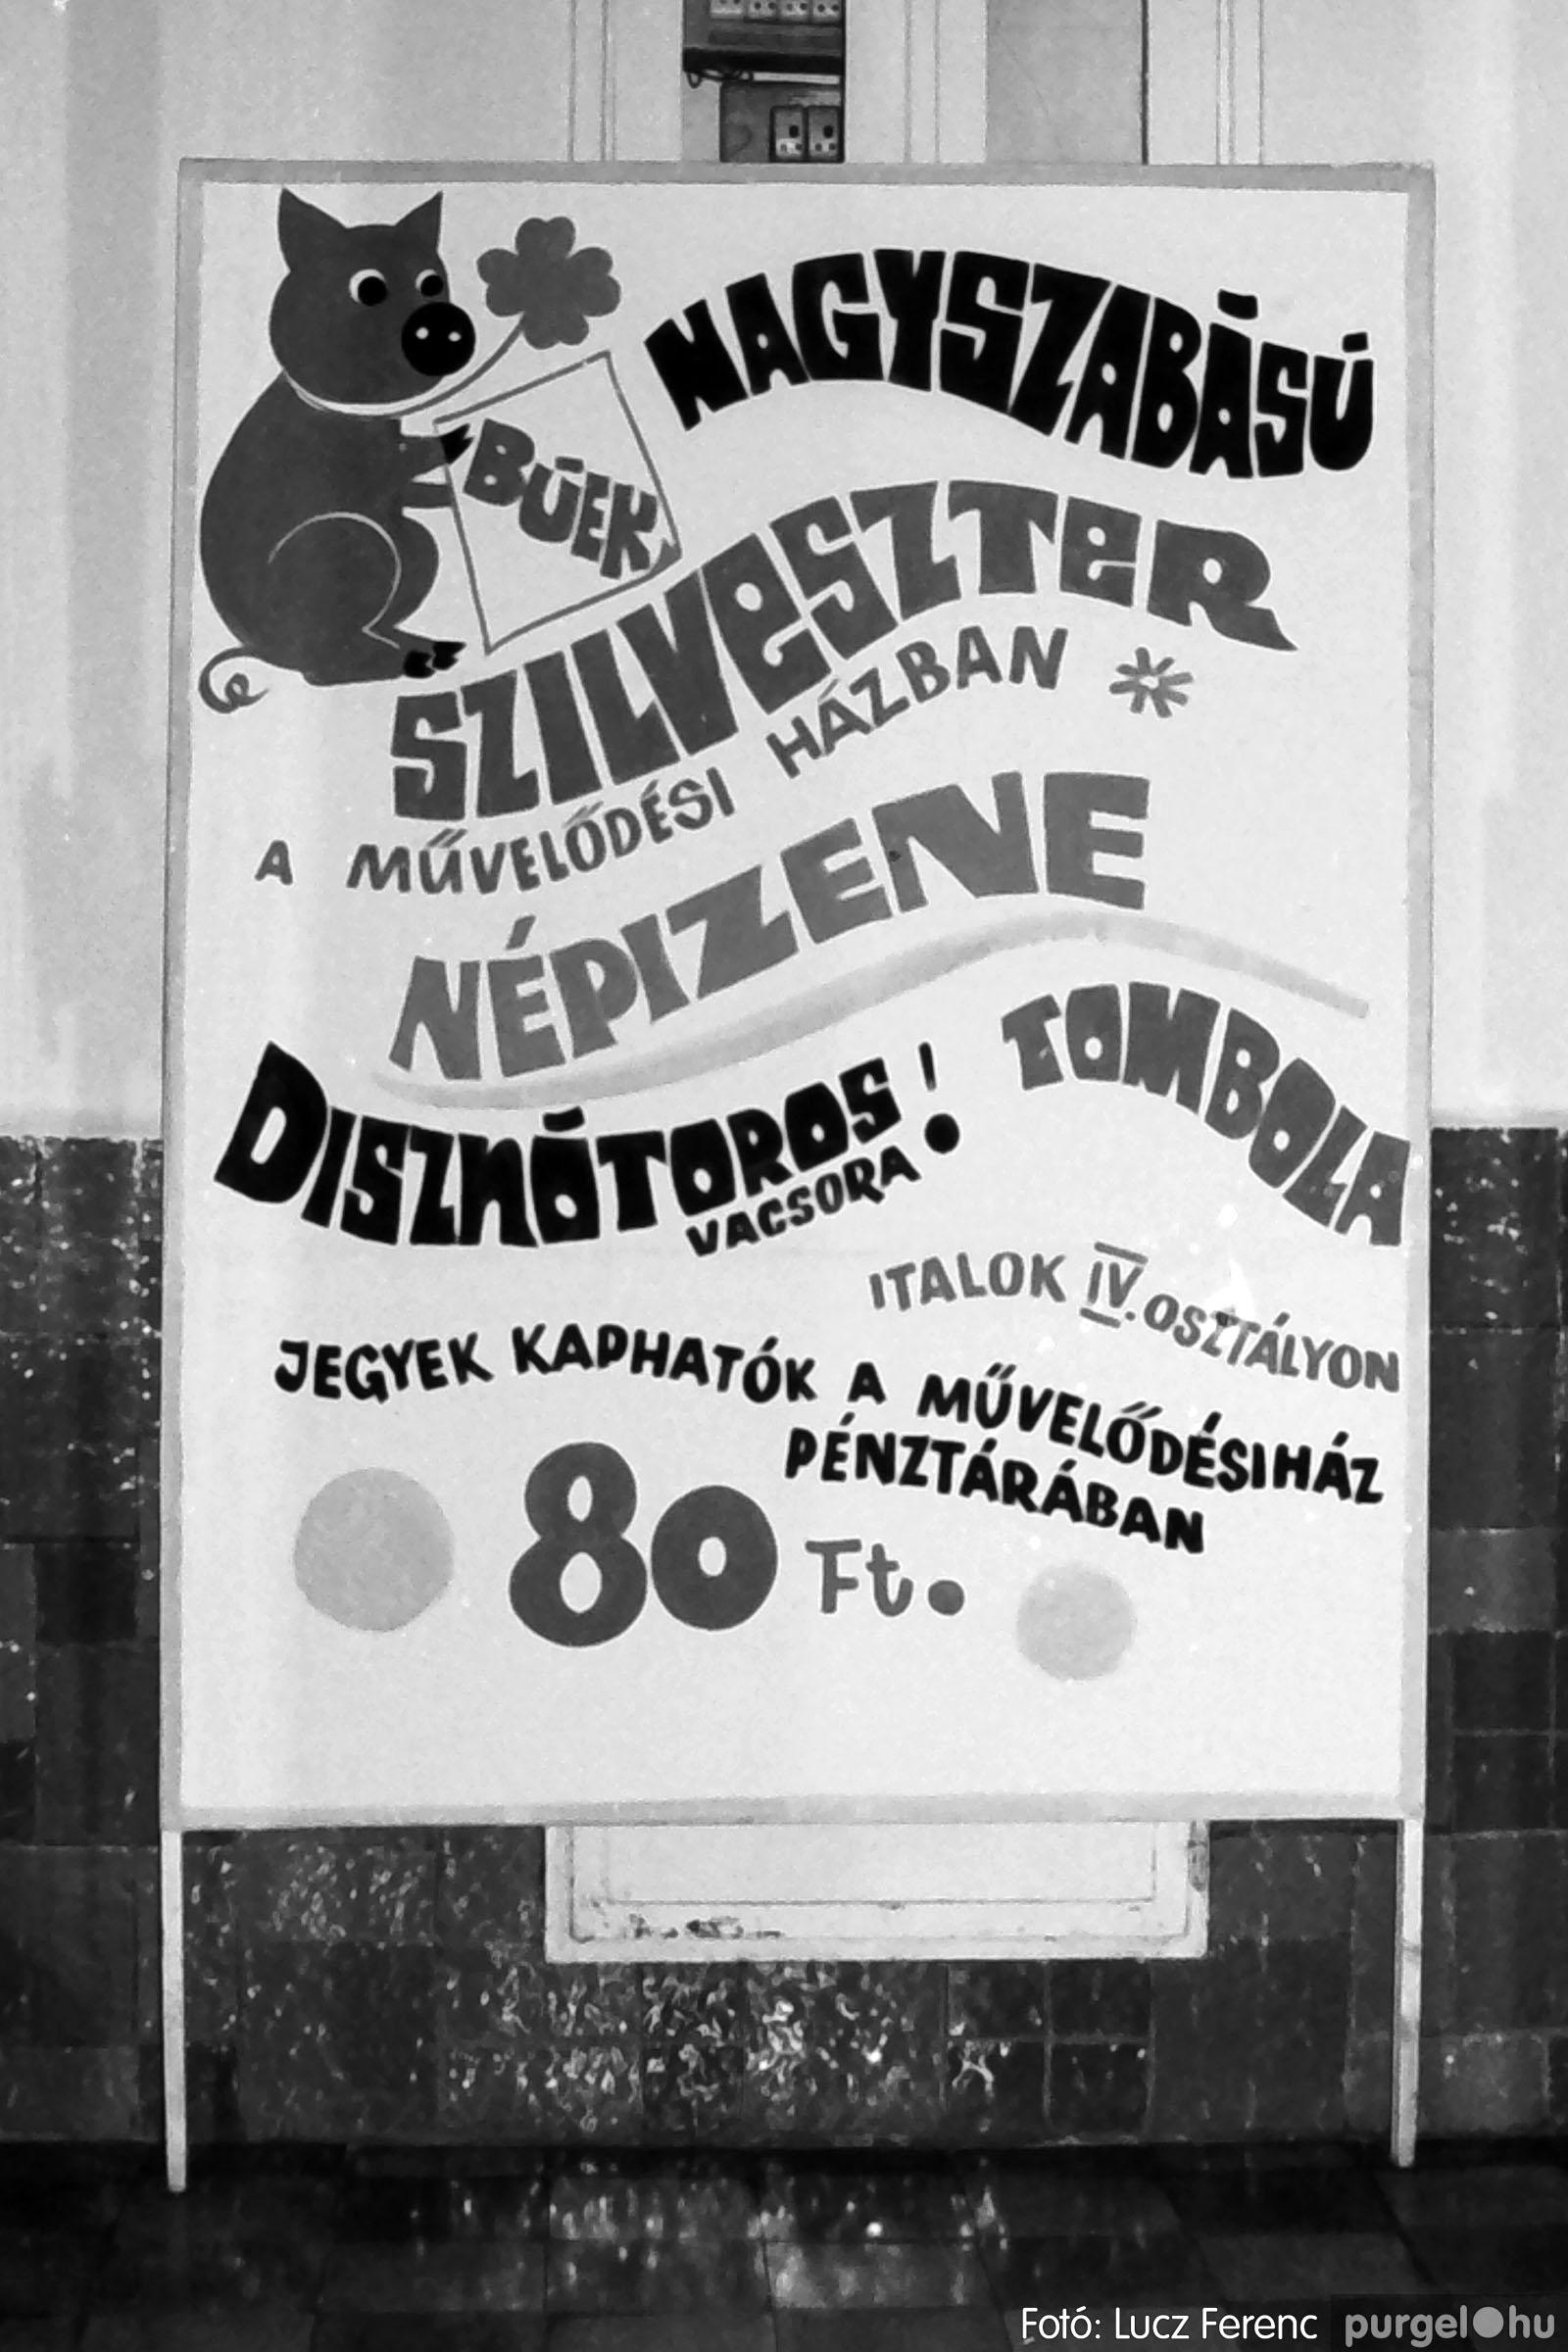 028 1975. Rendezvény a kultúrházban 011 - Fotó: Lucz Ferenc IMG00080q.jpg